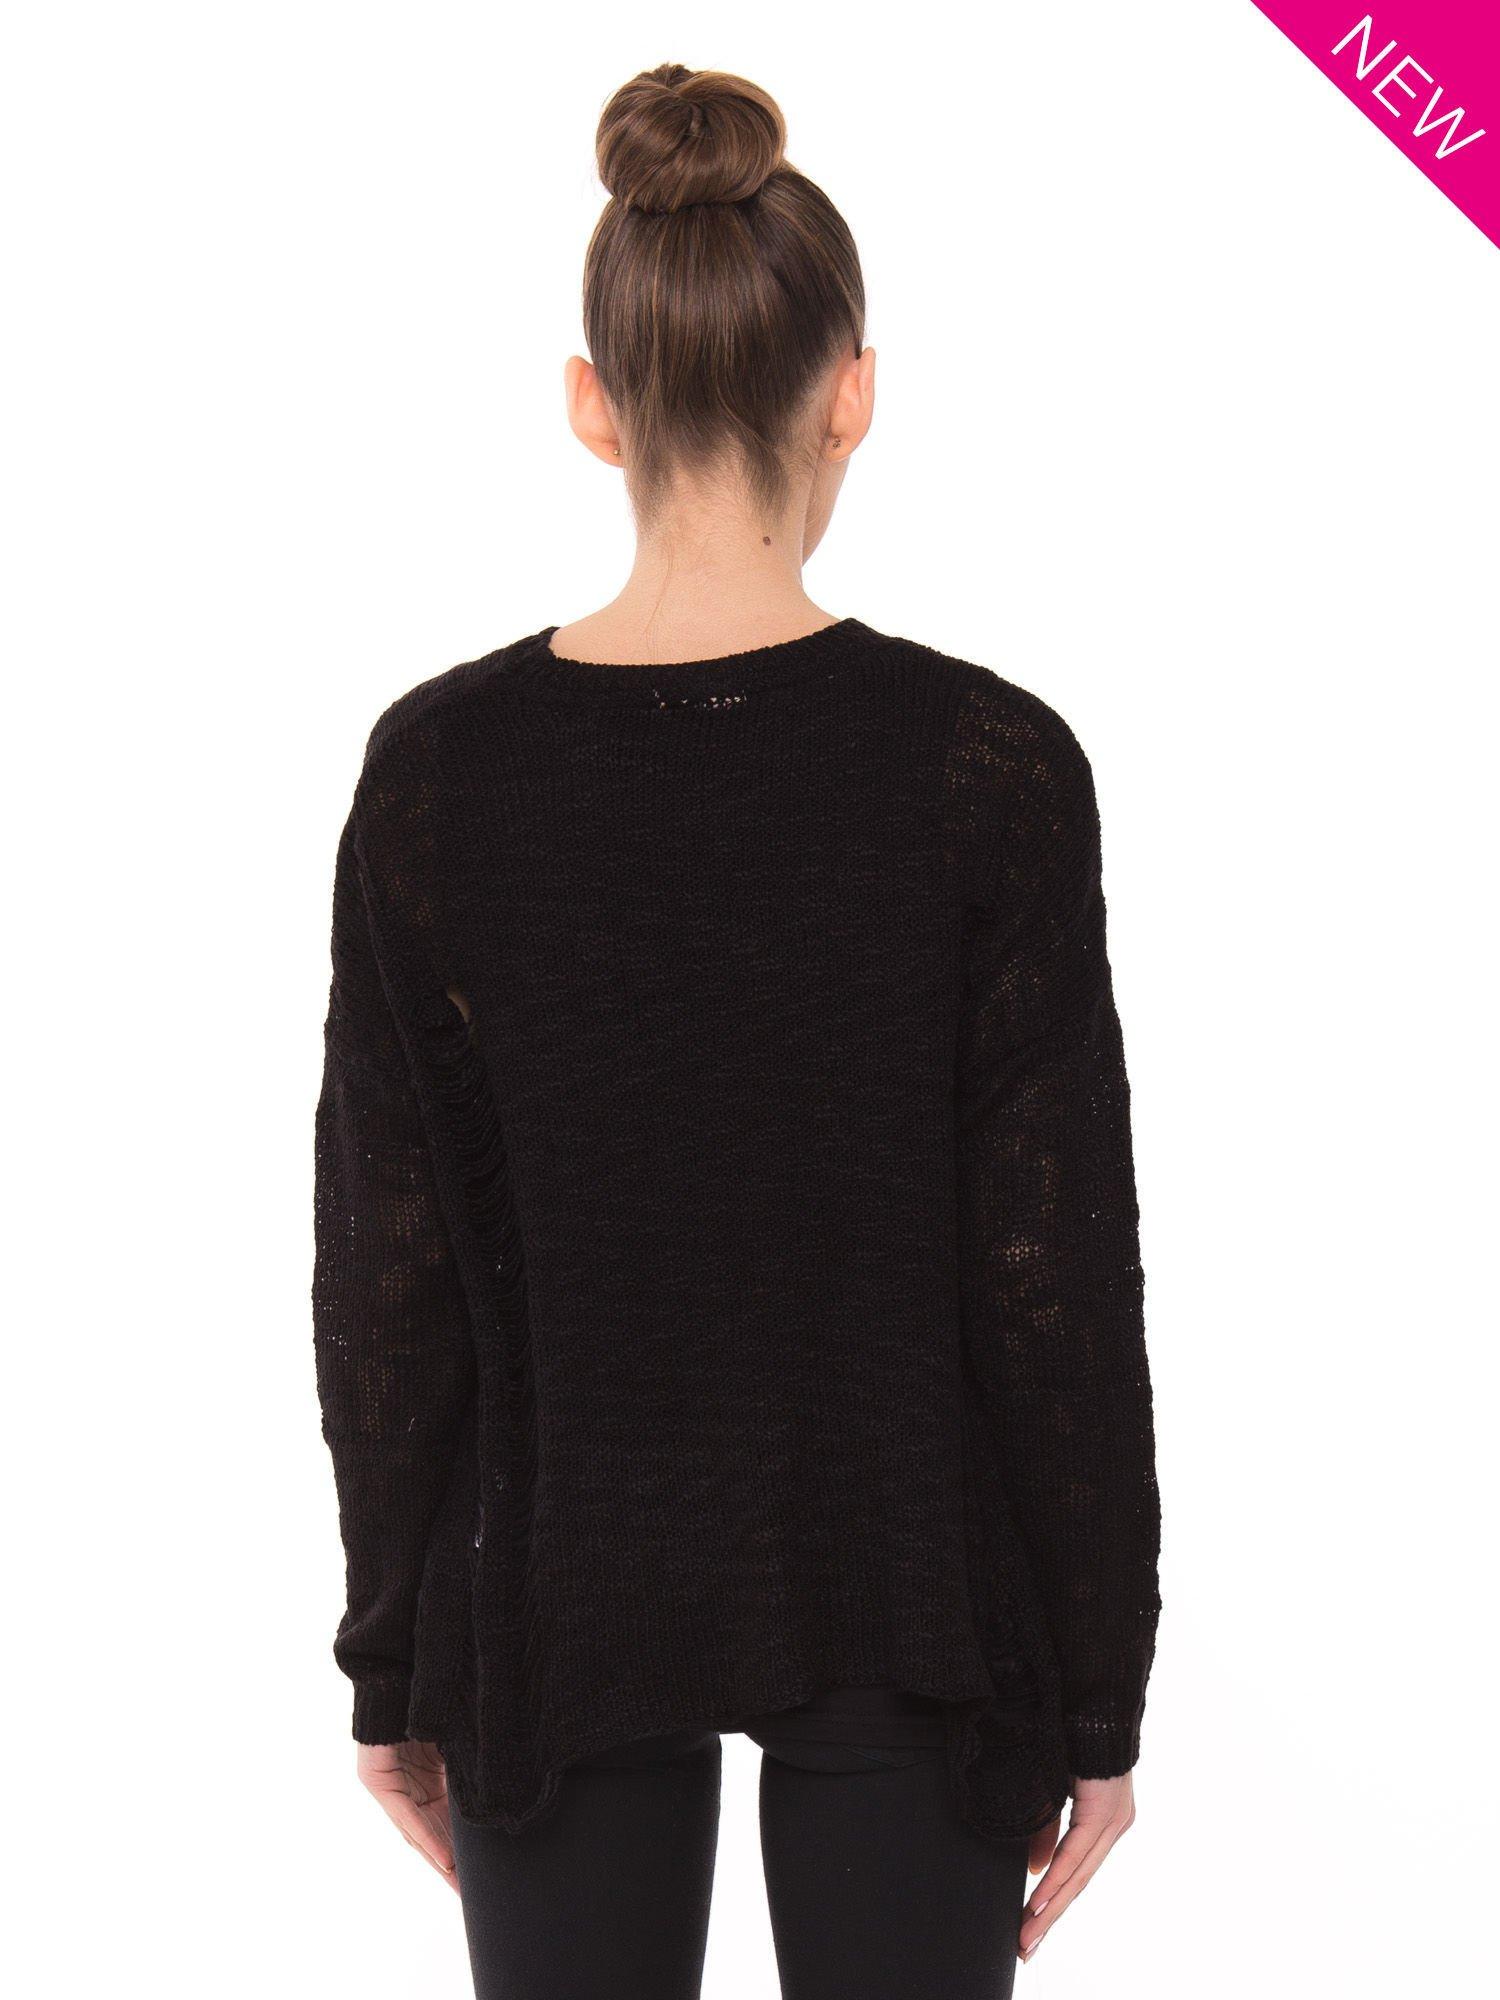 Czarny sweter ze zwierzęcym nadrukiem i efektem destroyed                                  zdj.                                  2